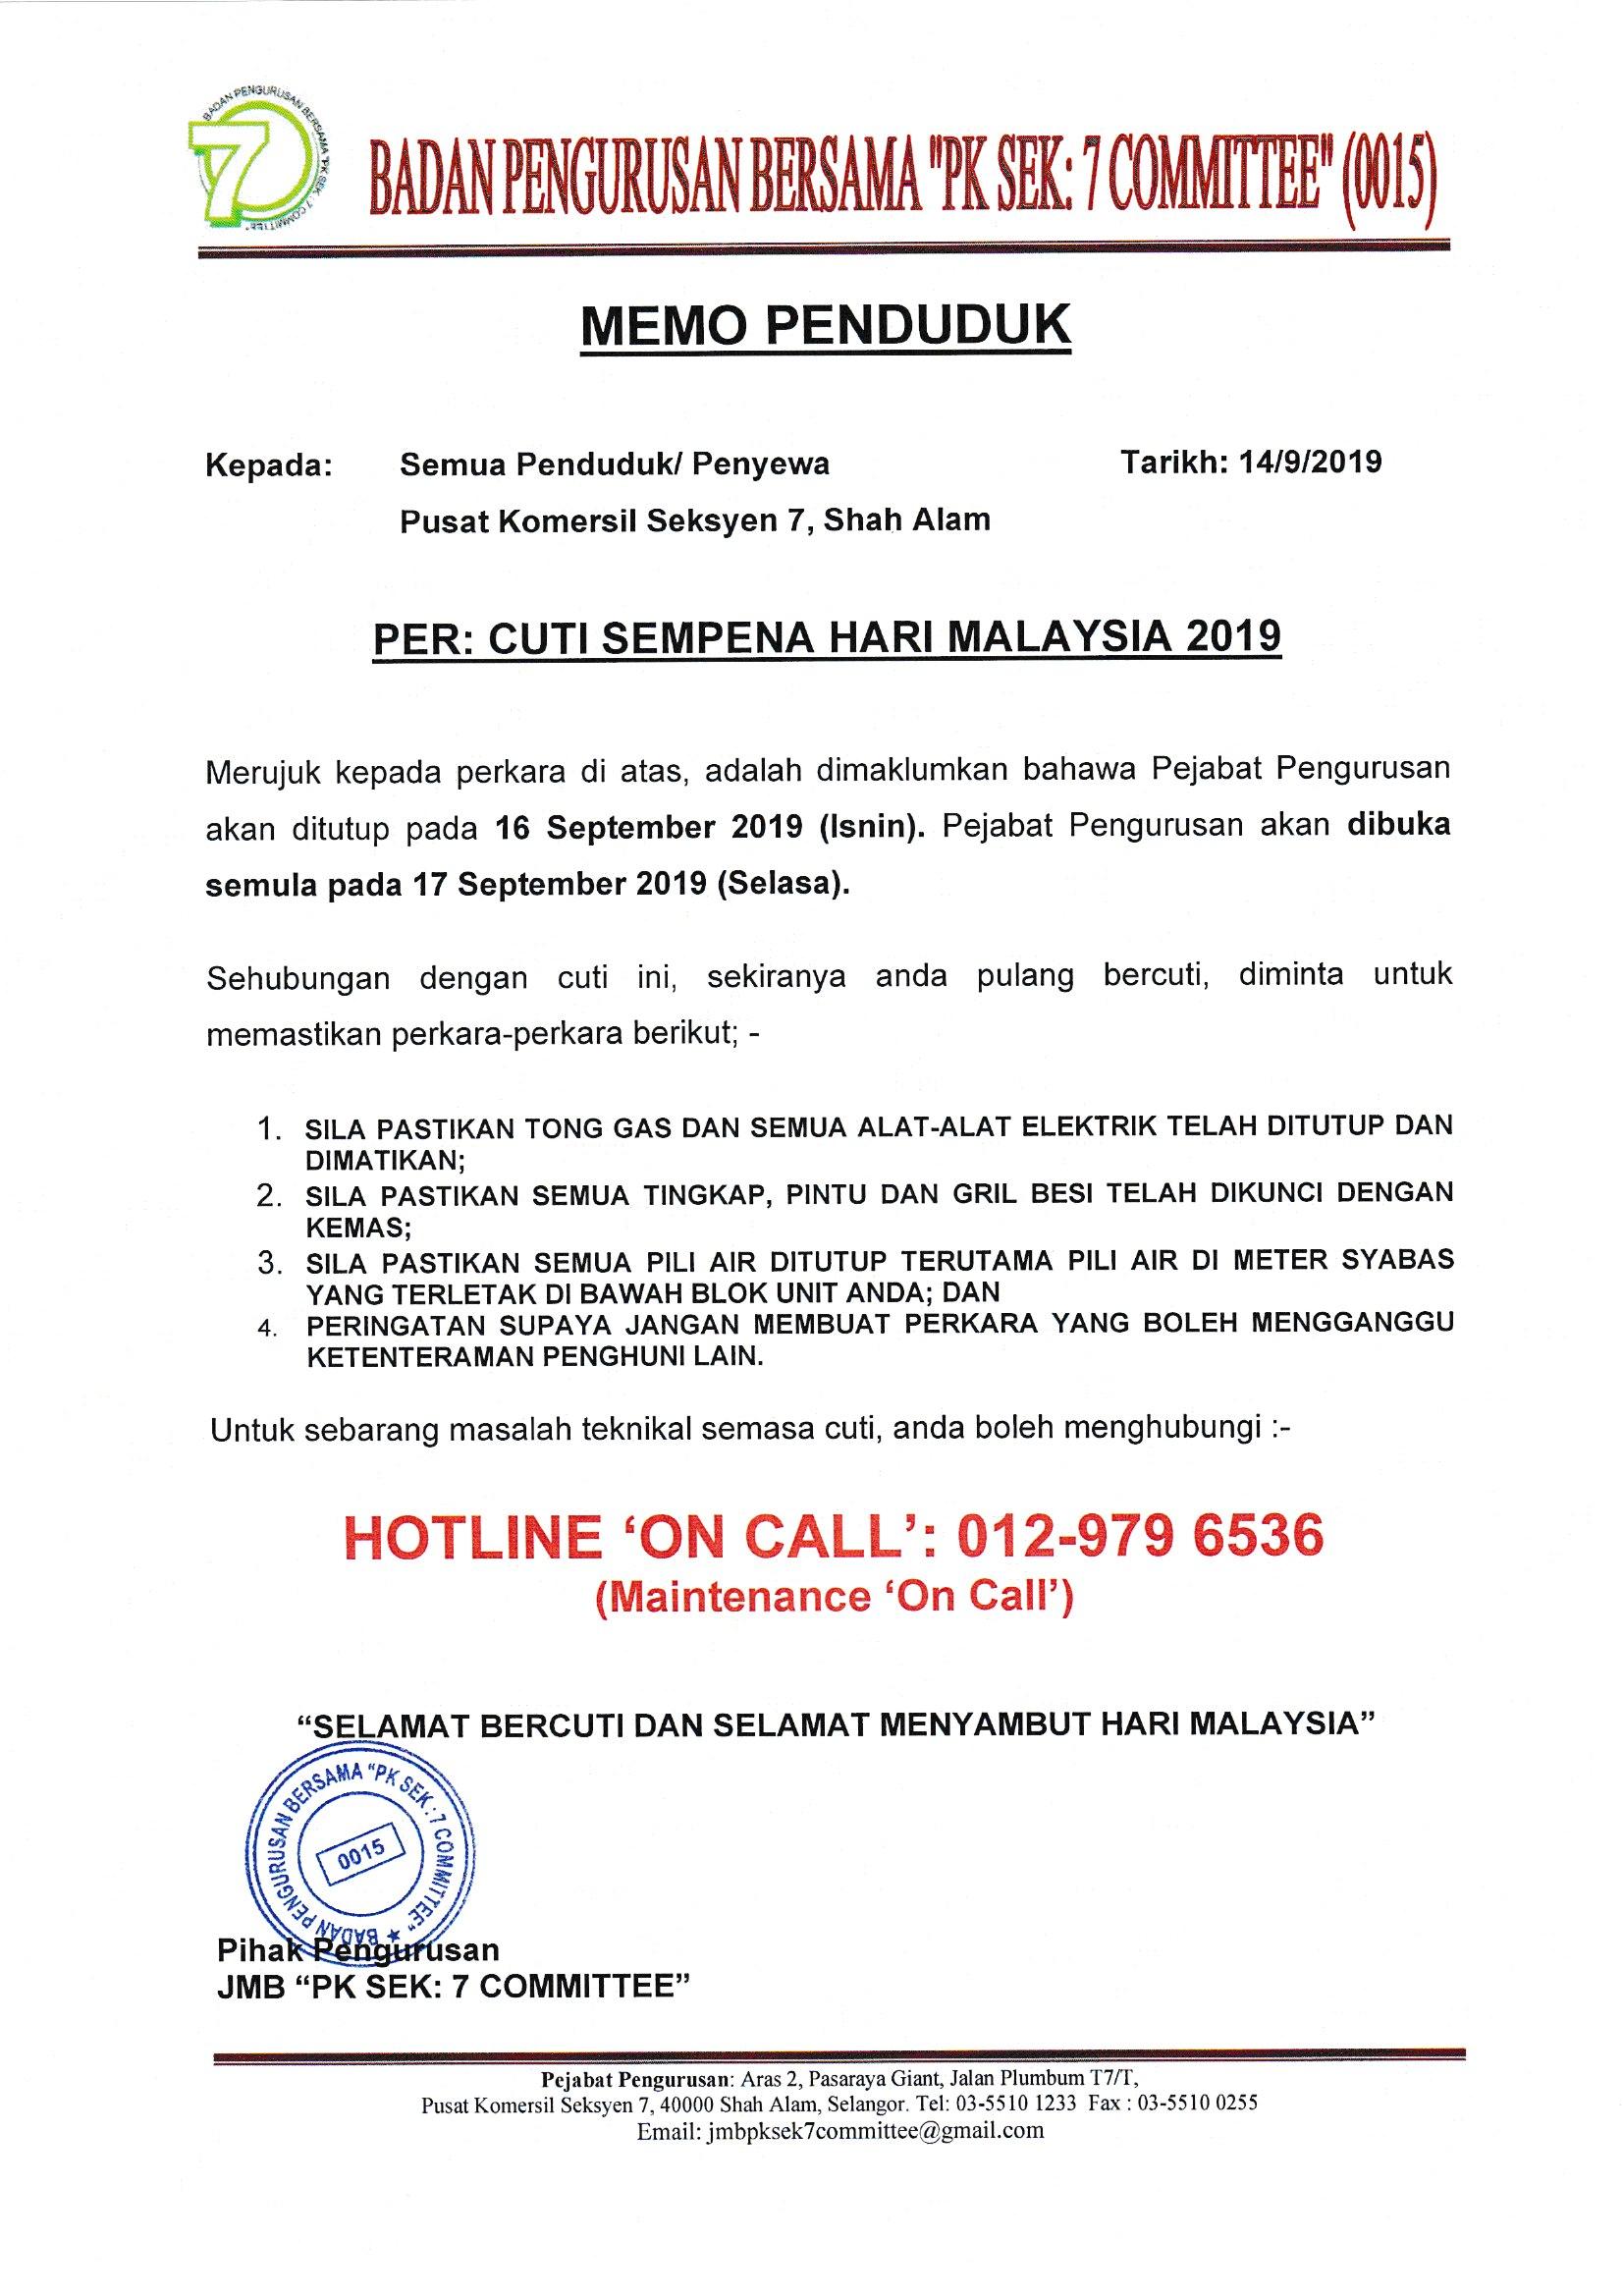 Pejabat akan dibuka semula pada hari Selasa (17 September 2019). Harap maklum.